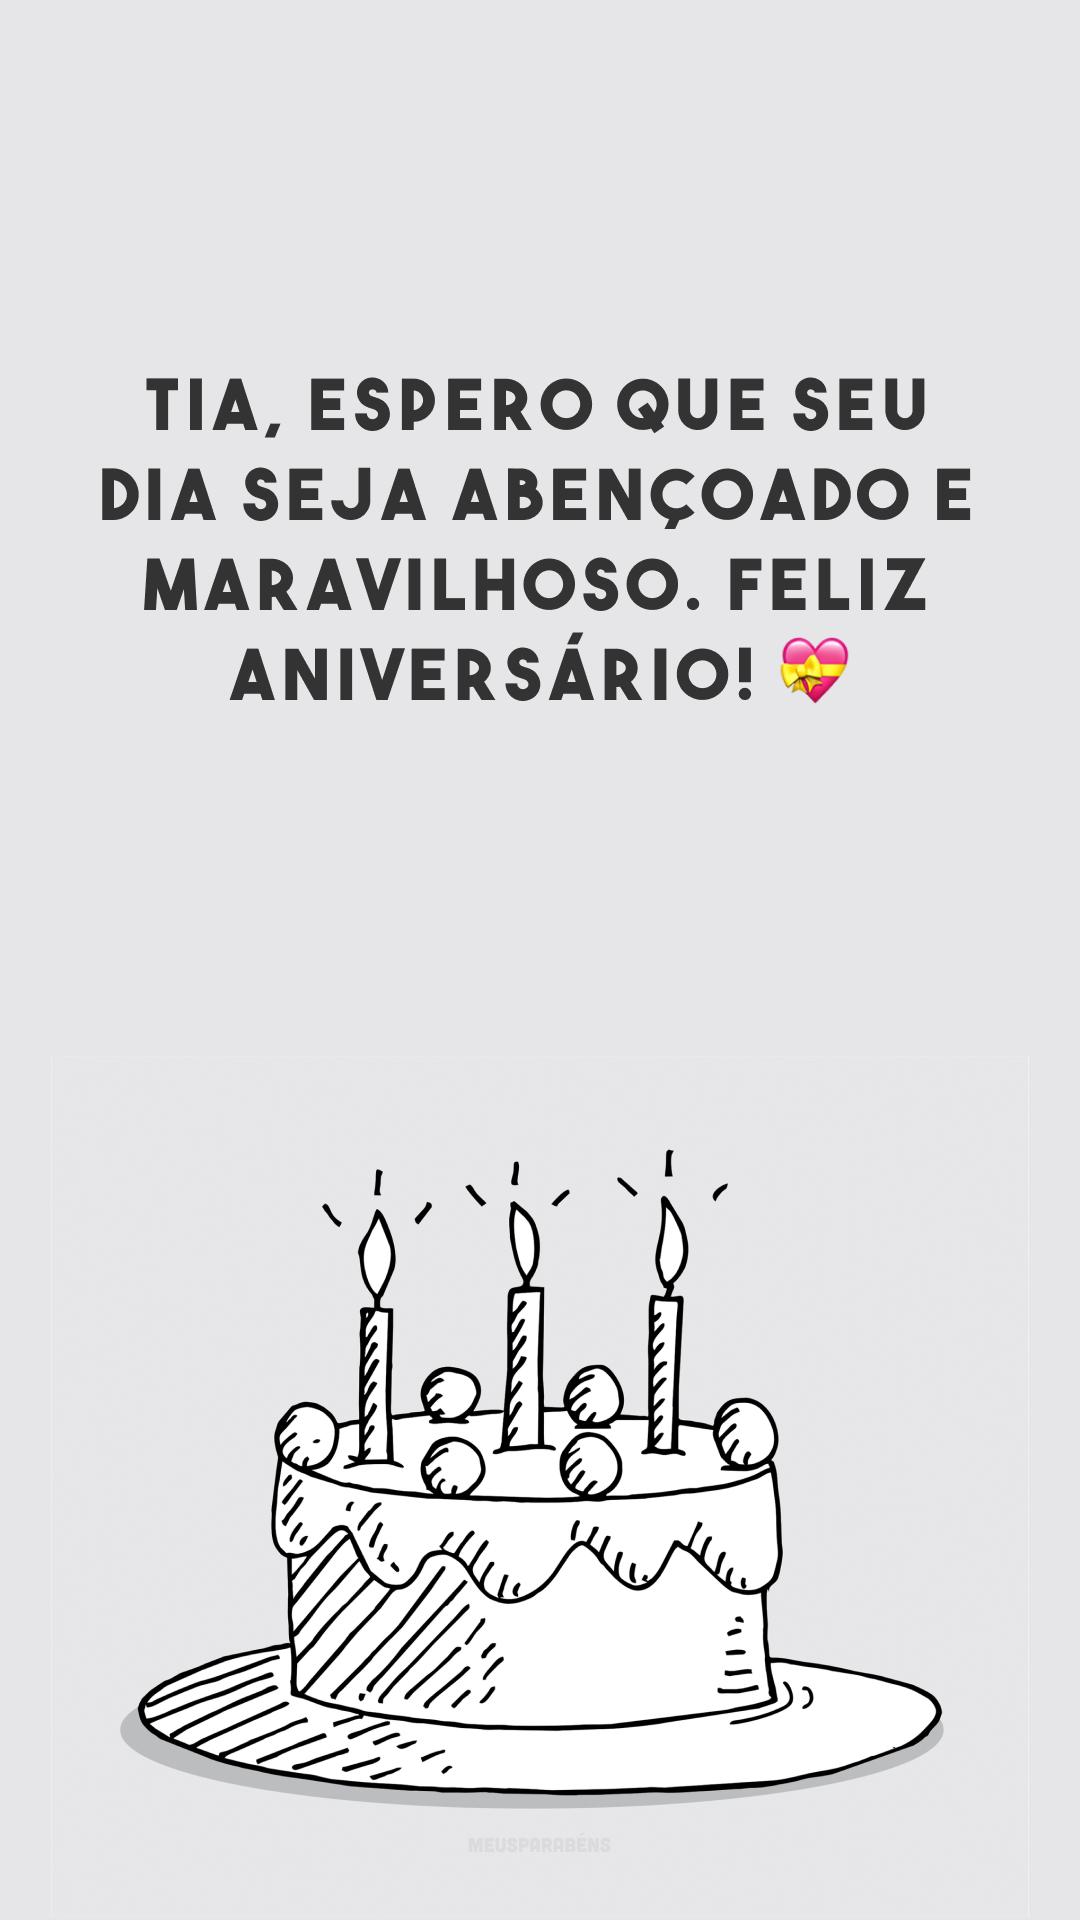 Tia, espero que seu dia seja abençoado e maravilhoso. Feliz aniversário! 💝